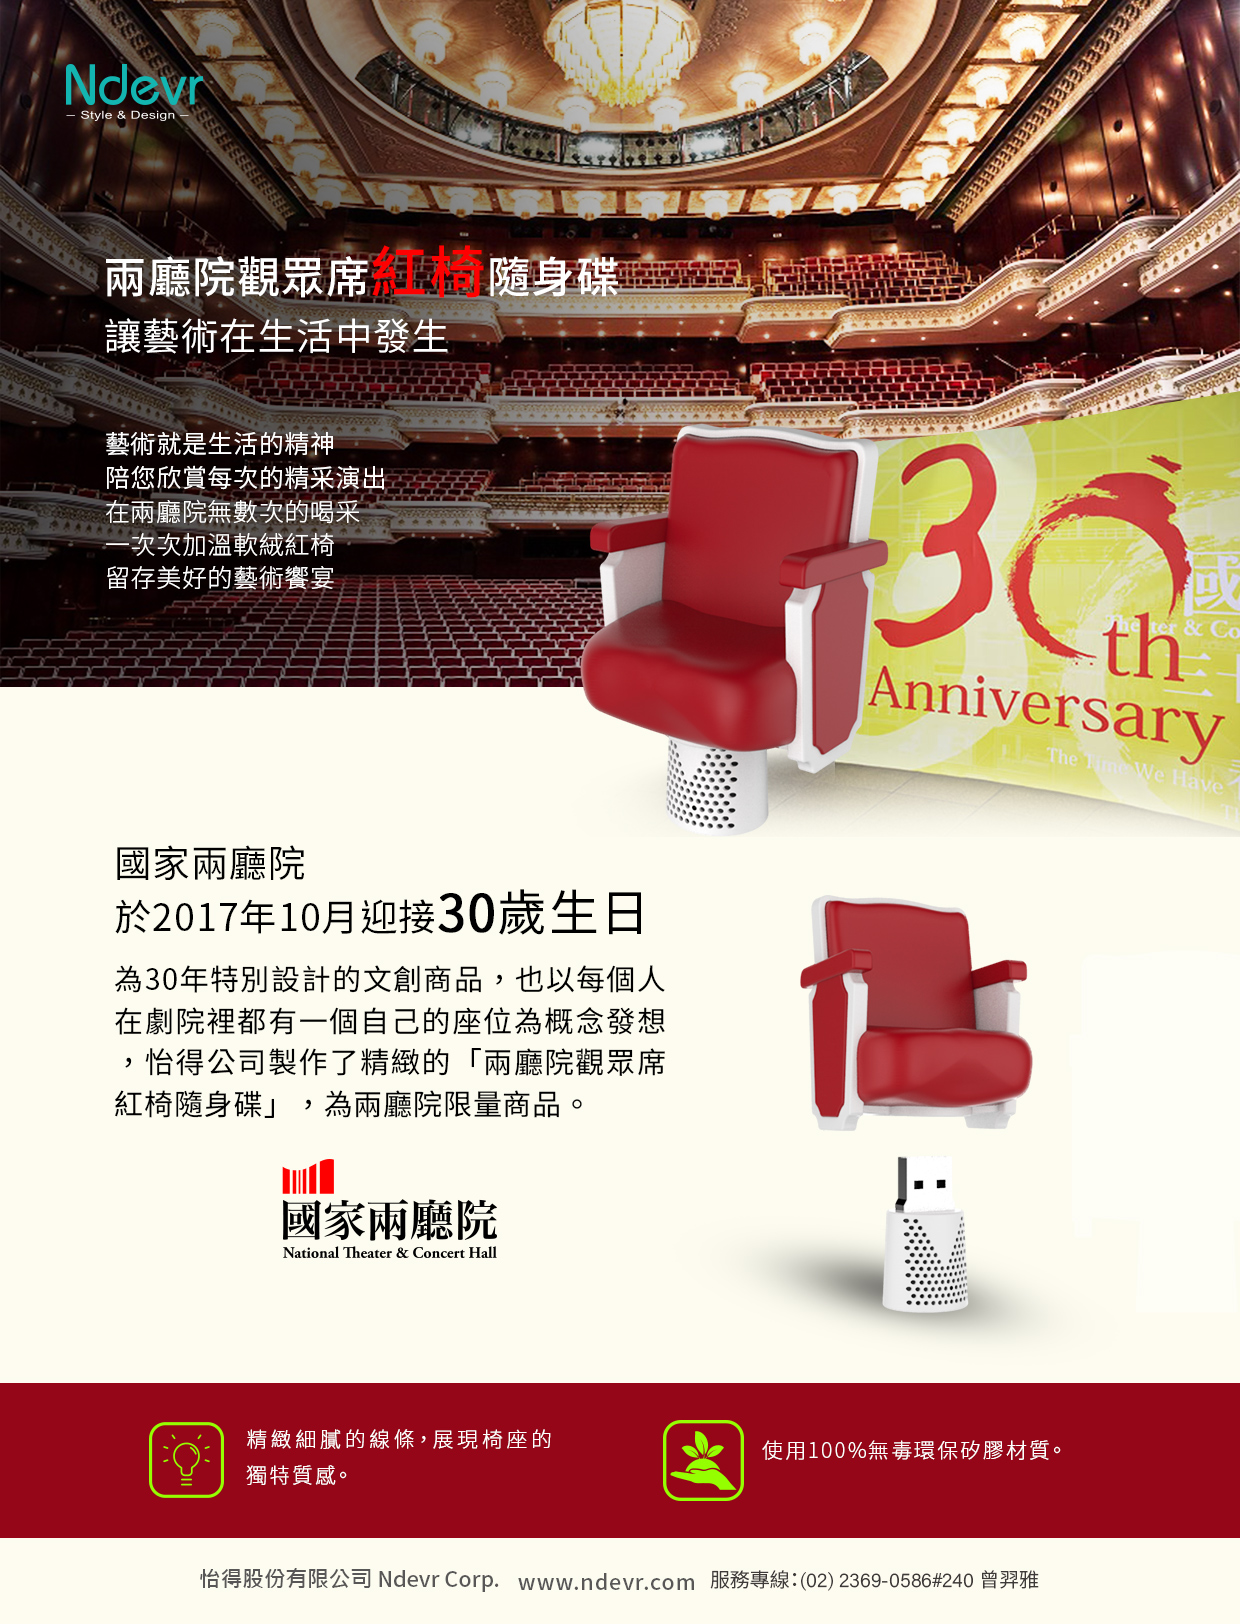 兩廳院紅椅隨身碟